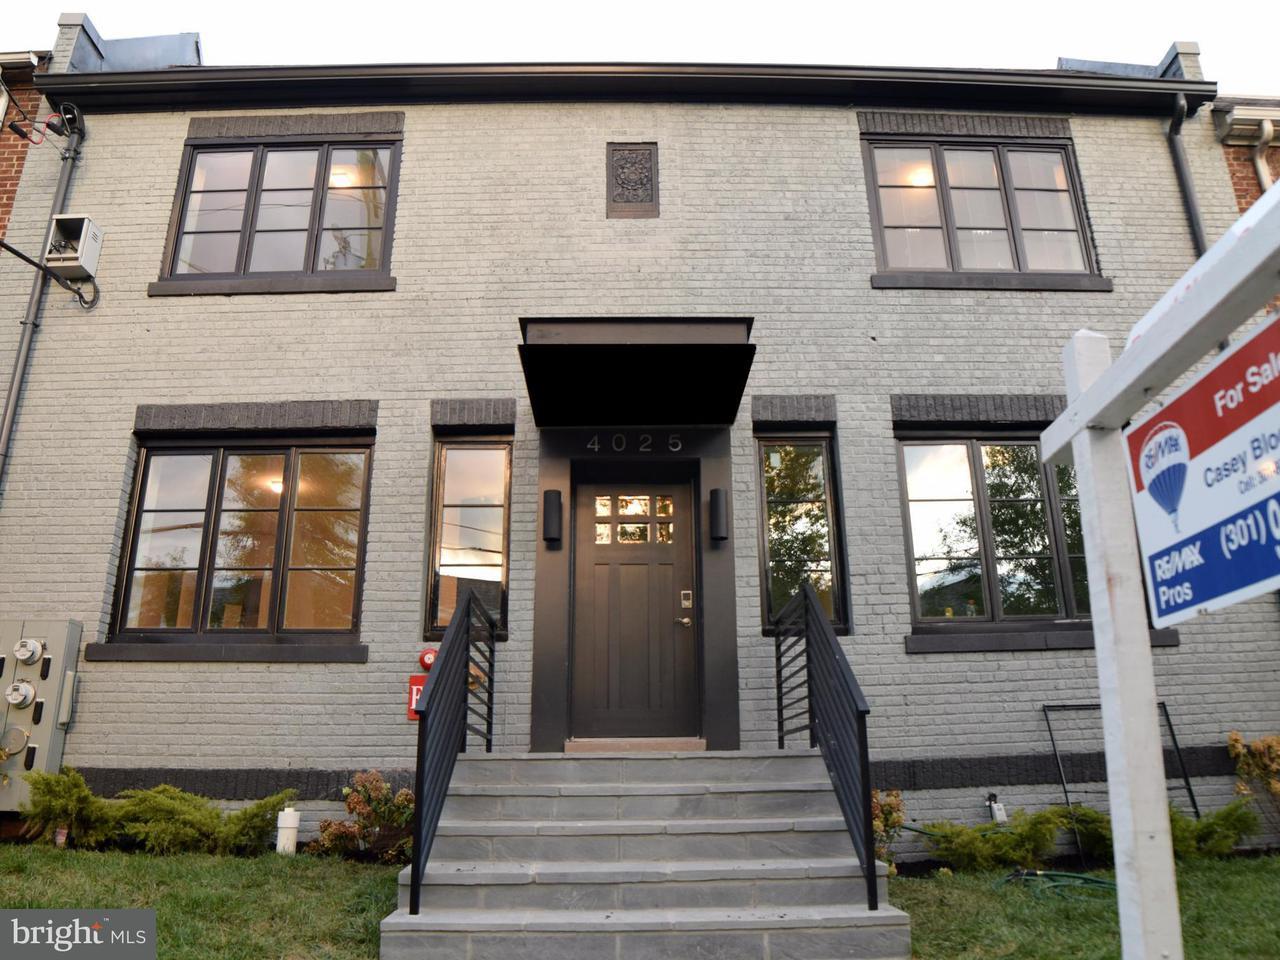 Eigentumswohnung für Verkauf beim 4025 7th St Ne #2 4025 7th St Ne #2 Washington, District Of Columbia 20017 Vereinigte Staaten